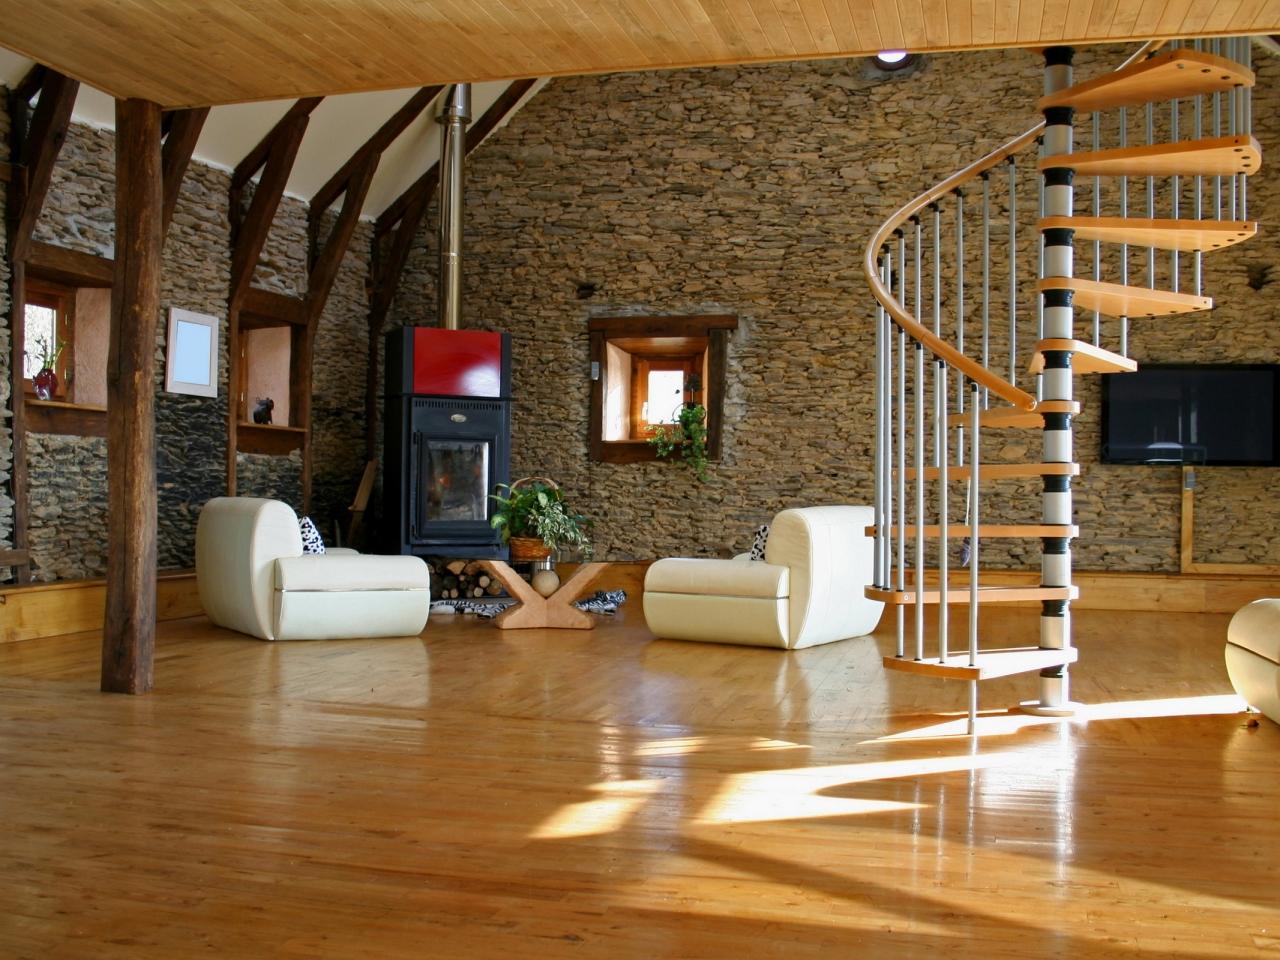 Bellos acabados interiores de casas - 1280x960